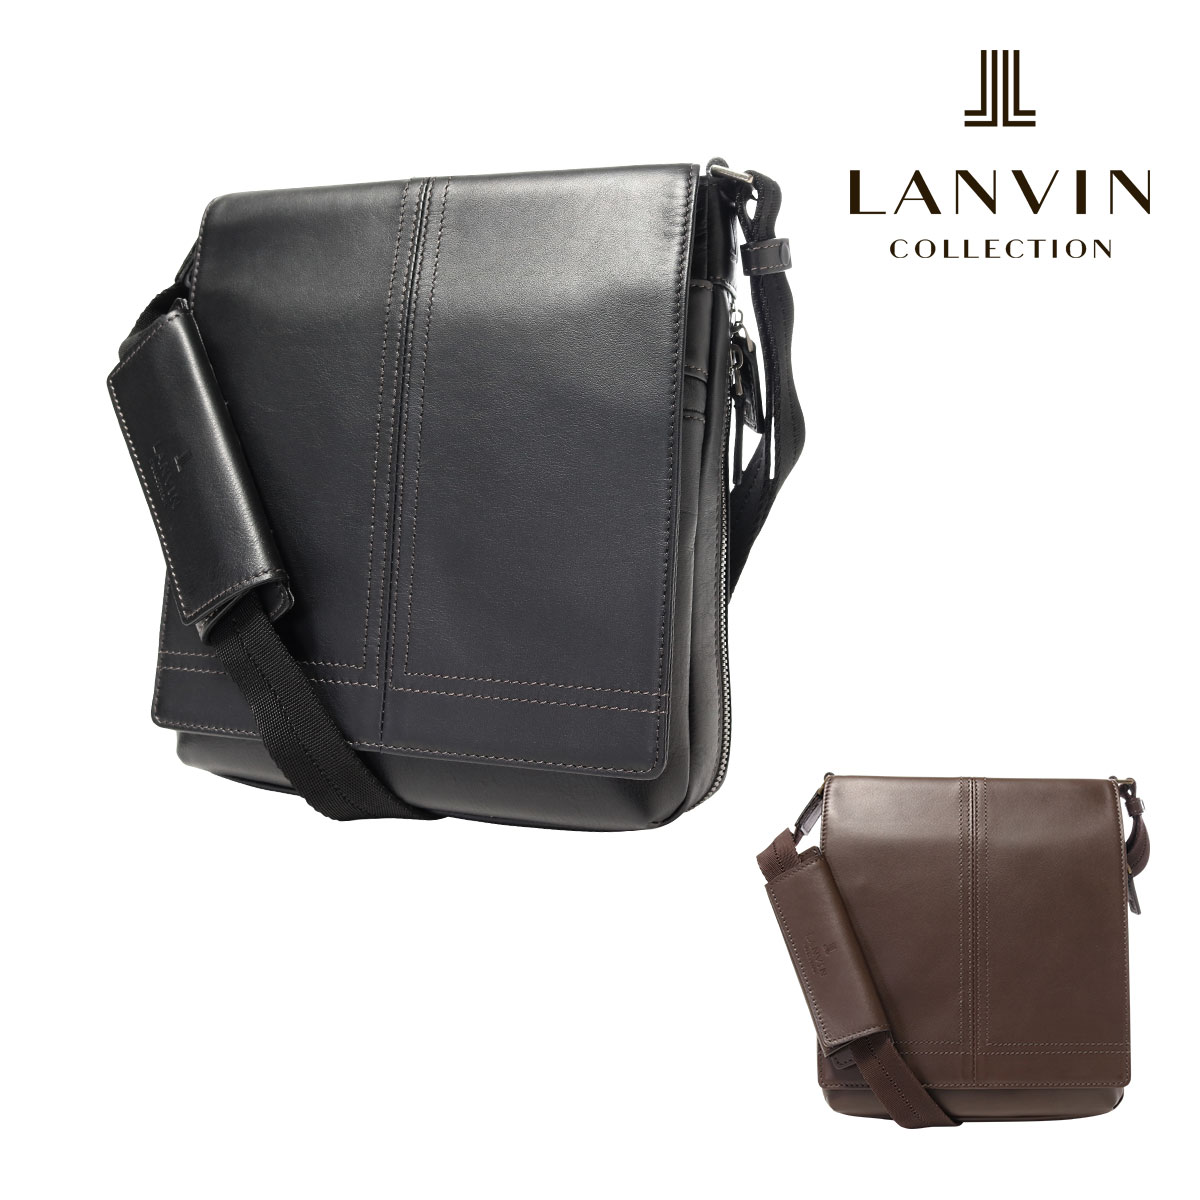 ランバンコレクション ショルダーバッグ メンズ 日本製 サントル 286101 | LANVIN COLLECTION 本革 レザー【PO5】